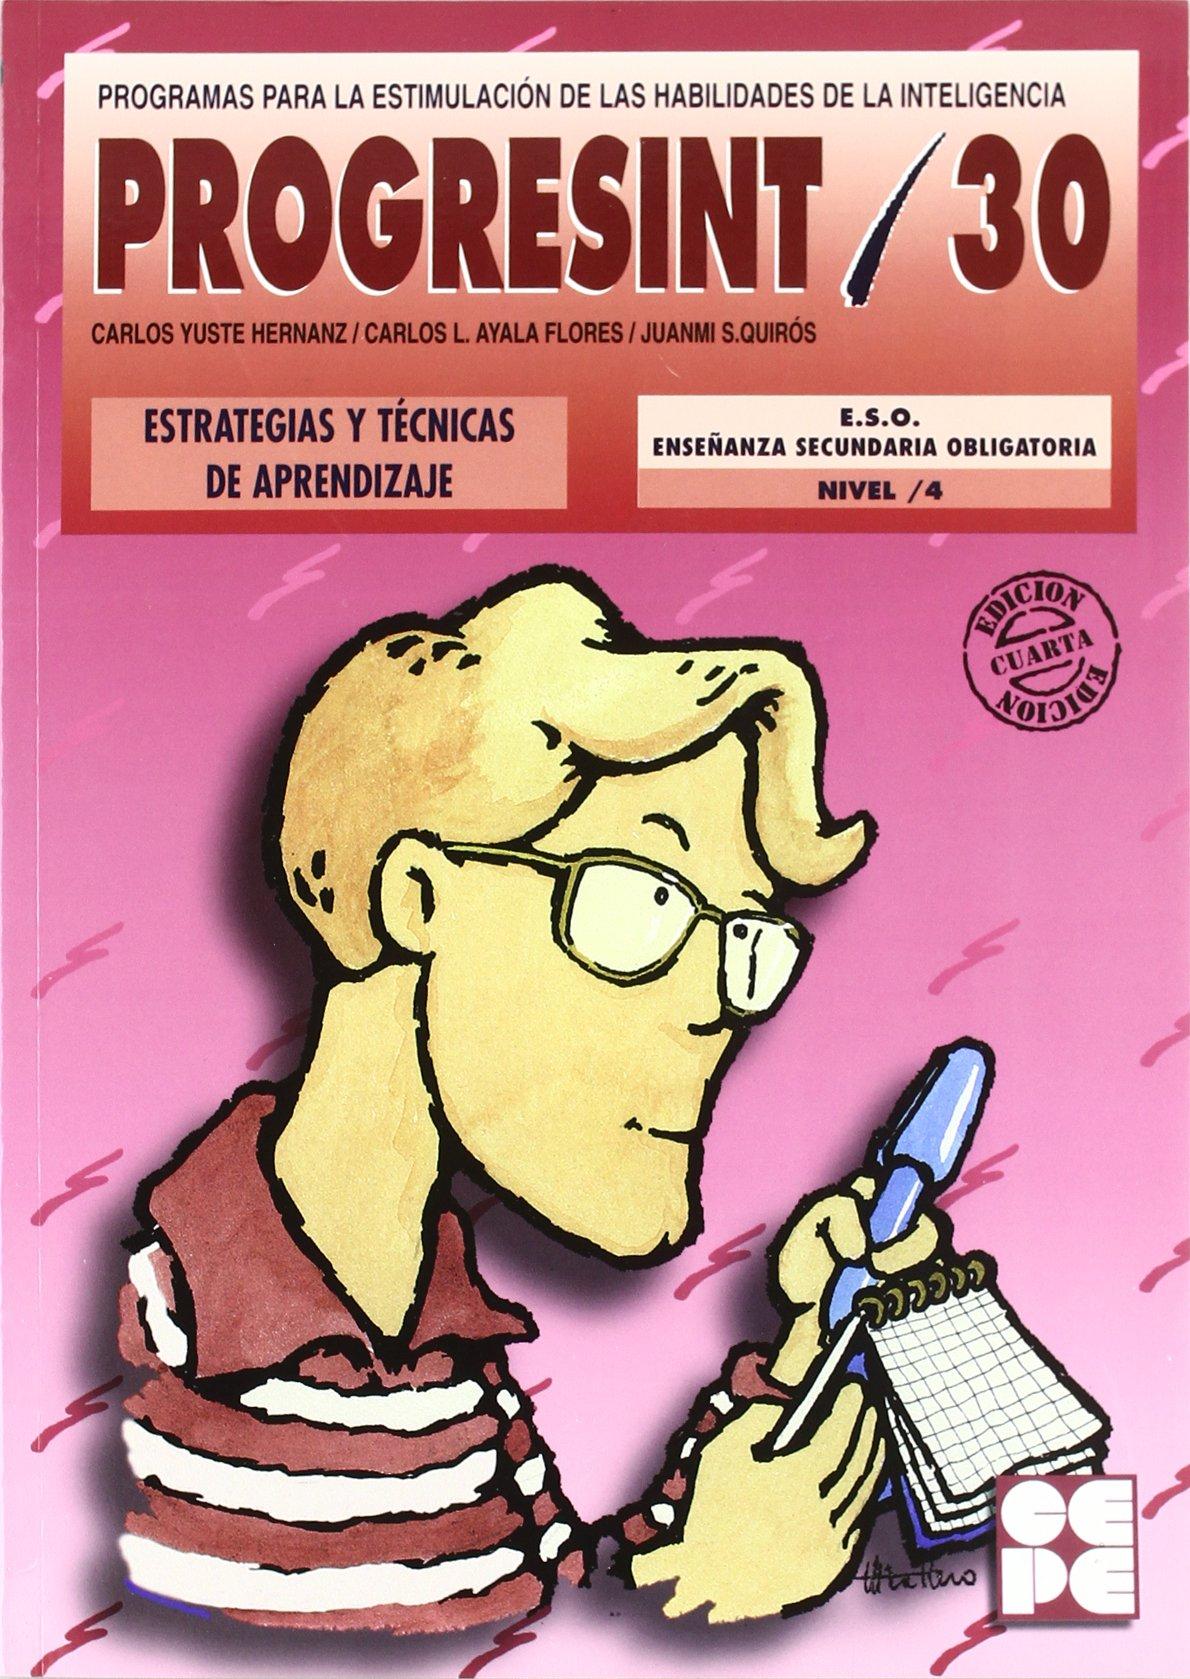 Download Progresint / 30 - Programas Para La Estimulacion.. (Spanish Edition) ebook